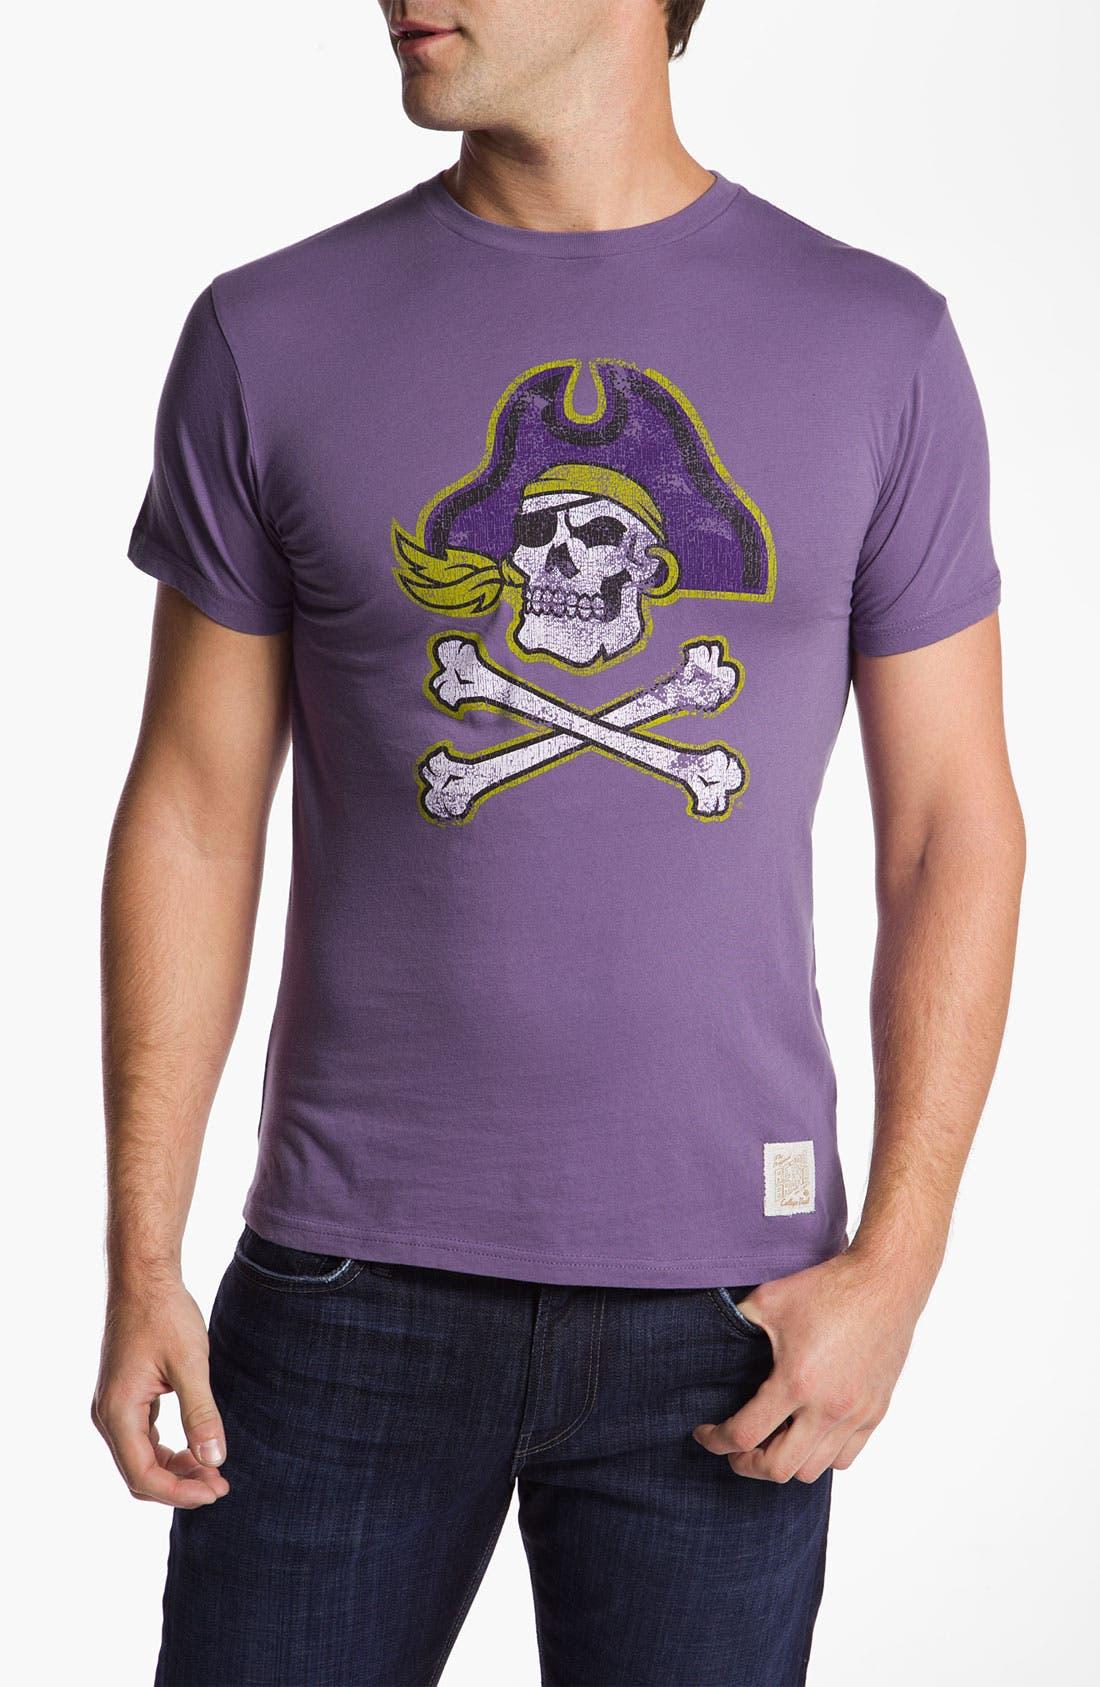 Alternate Image 1 Selected - The Original Retro Brand 'East Carolina College' T-Shirt